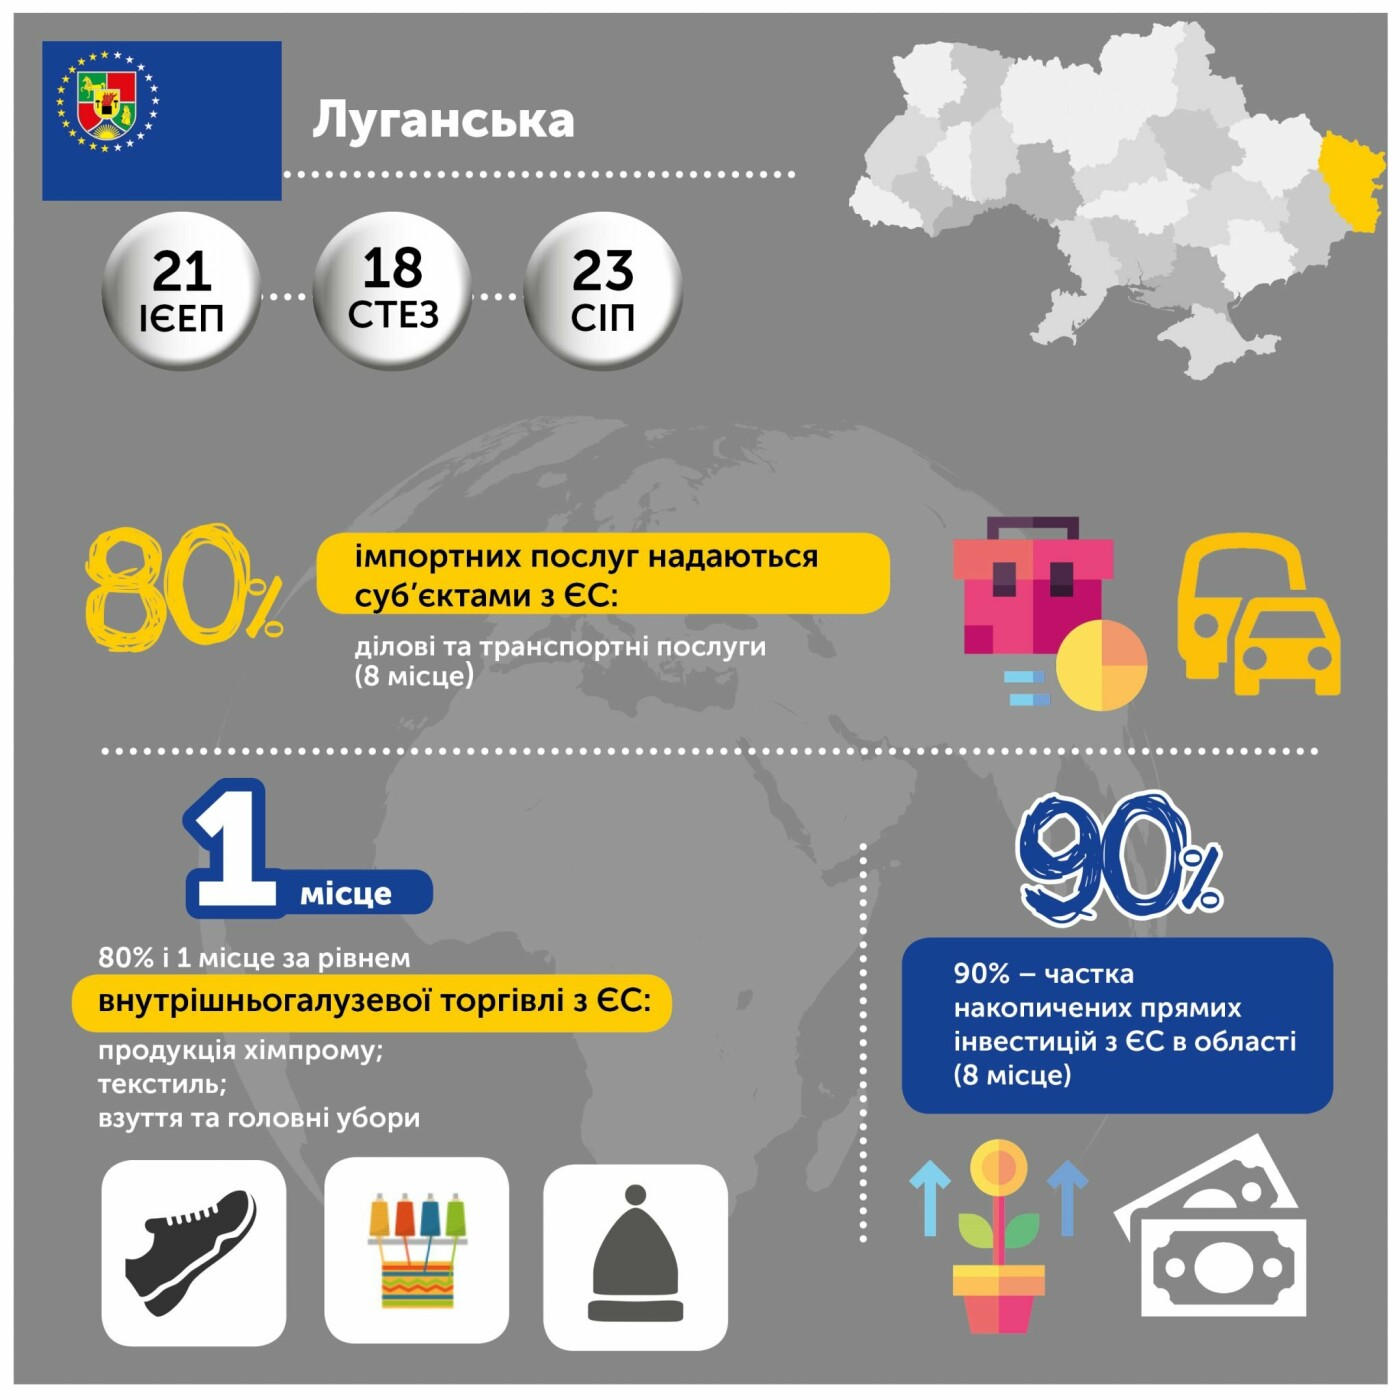 Аналитические данные по Луганской области